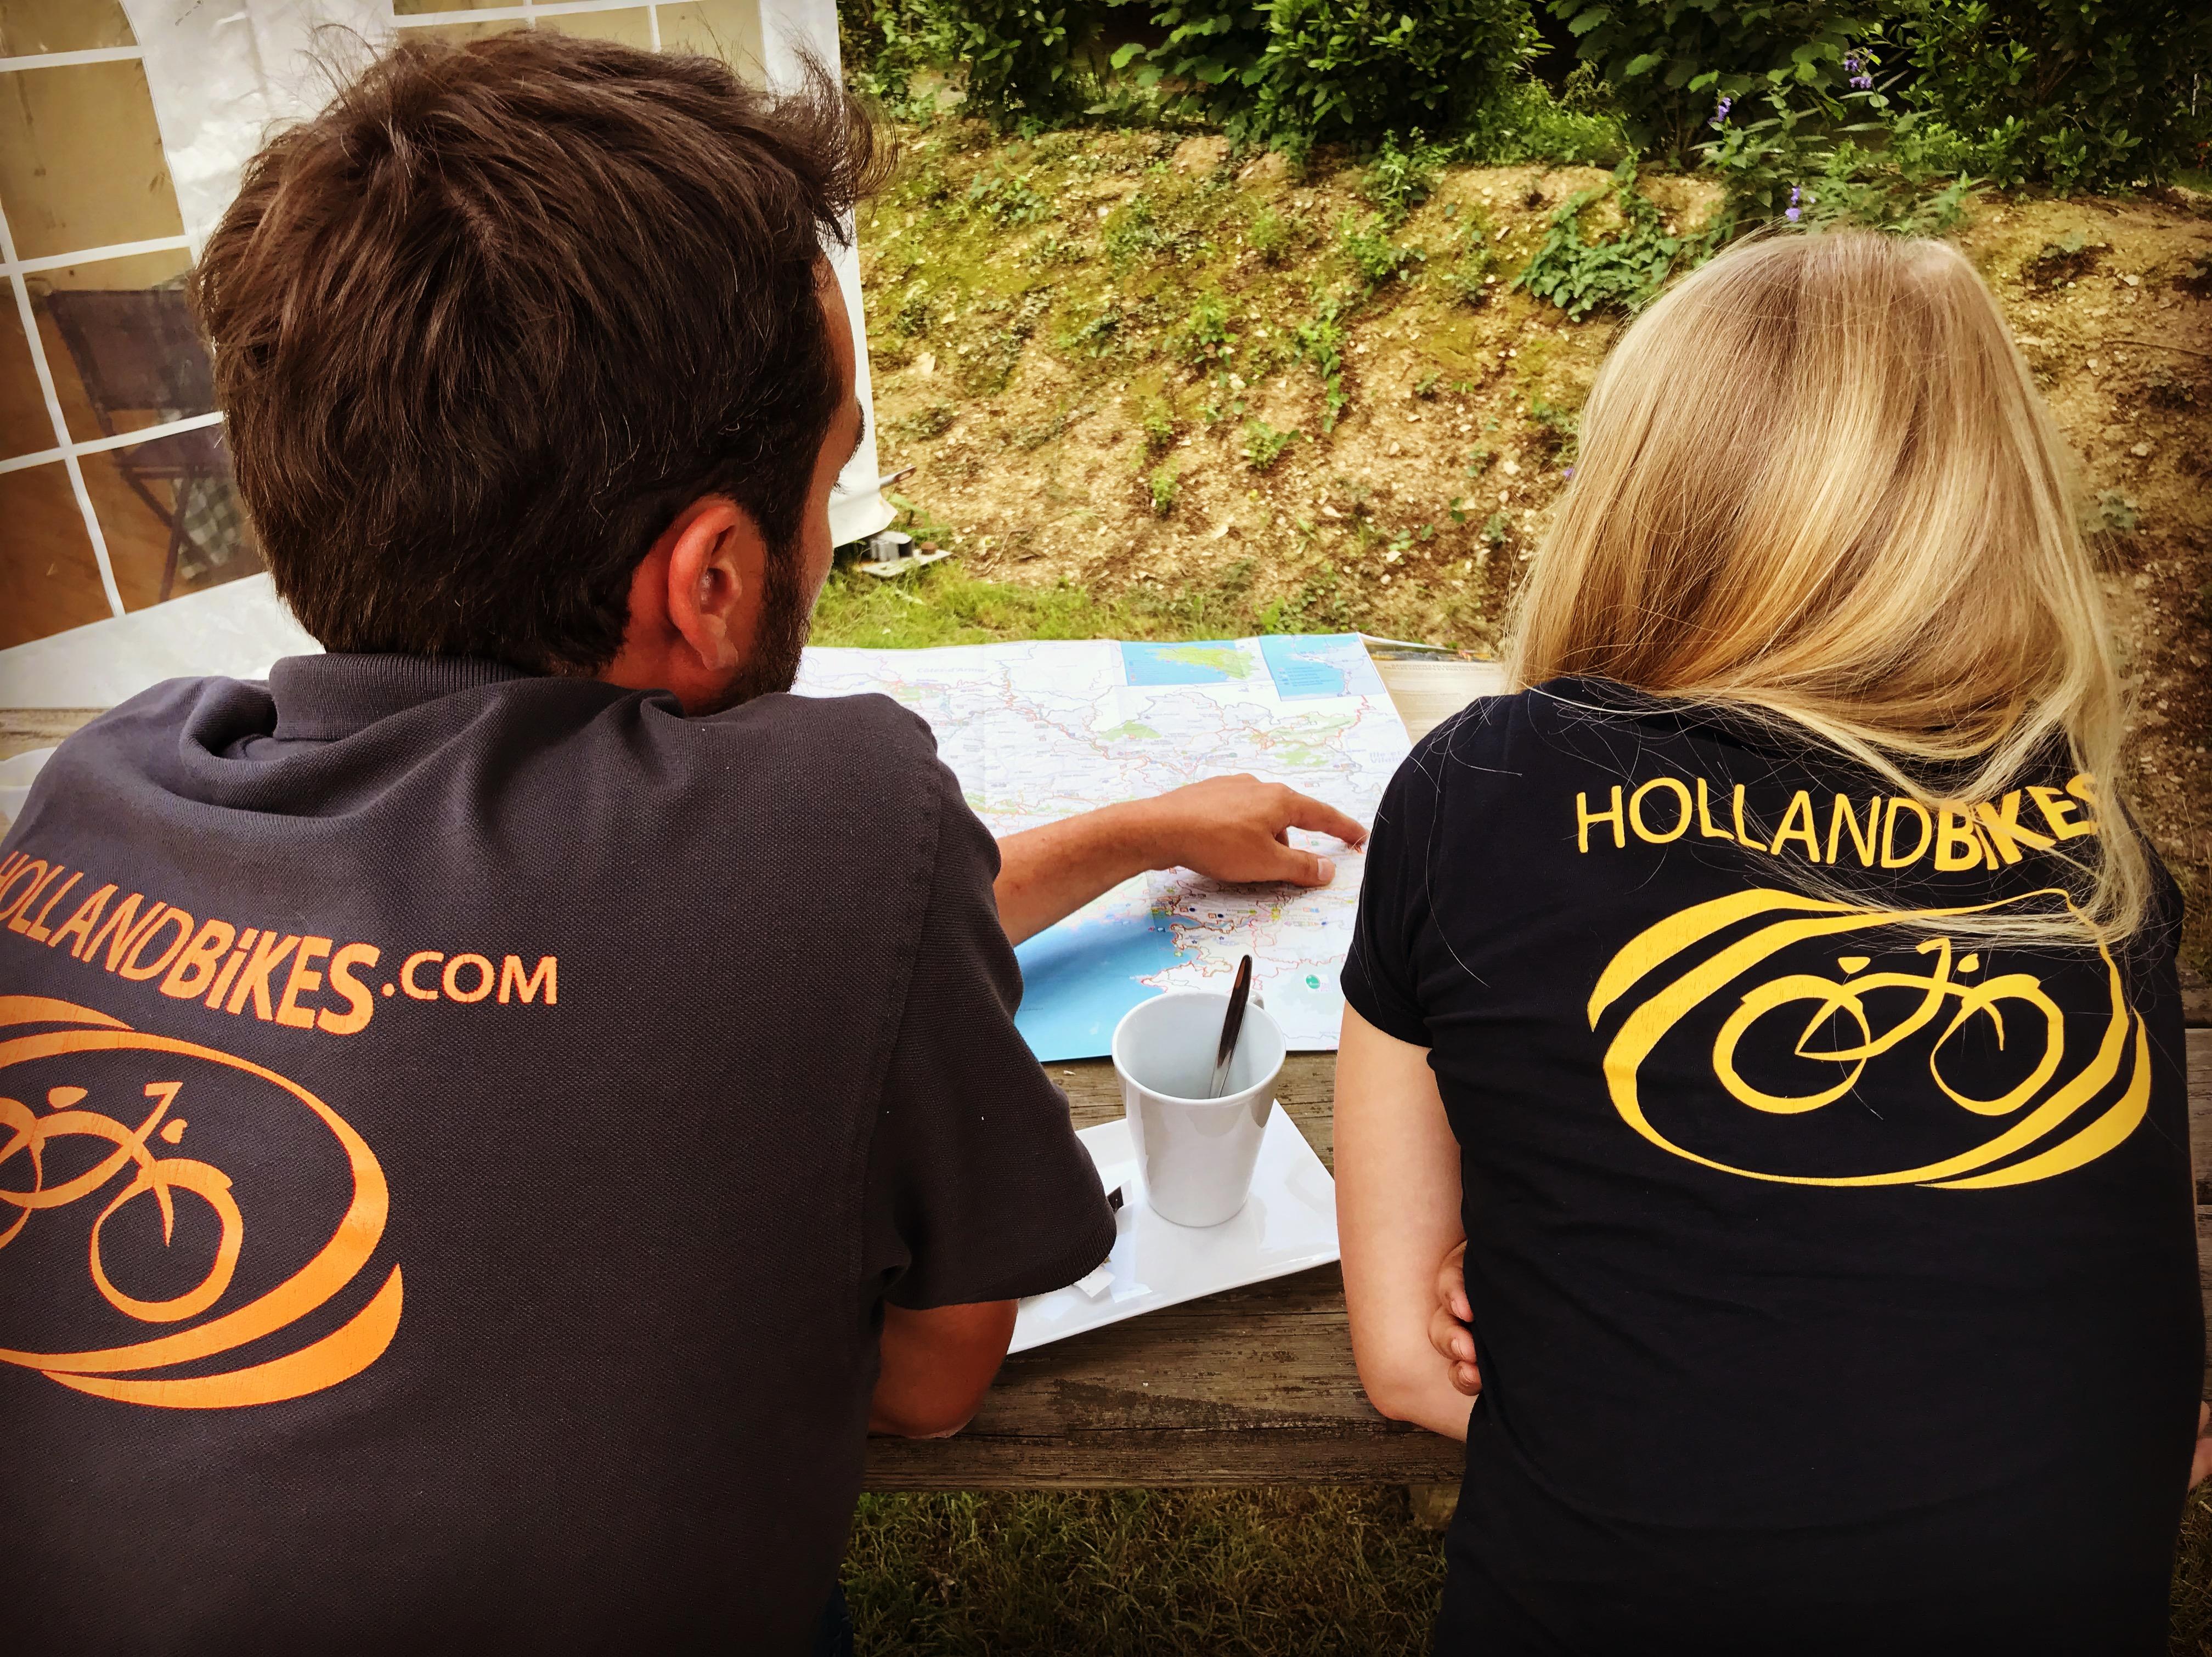 Work in progress, Holland Bikes